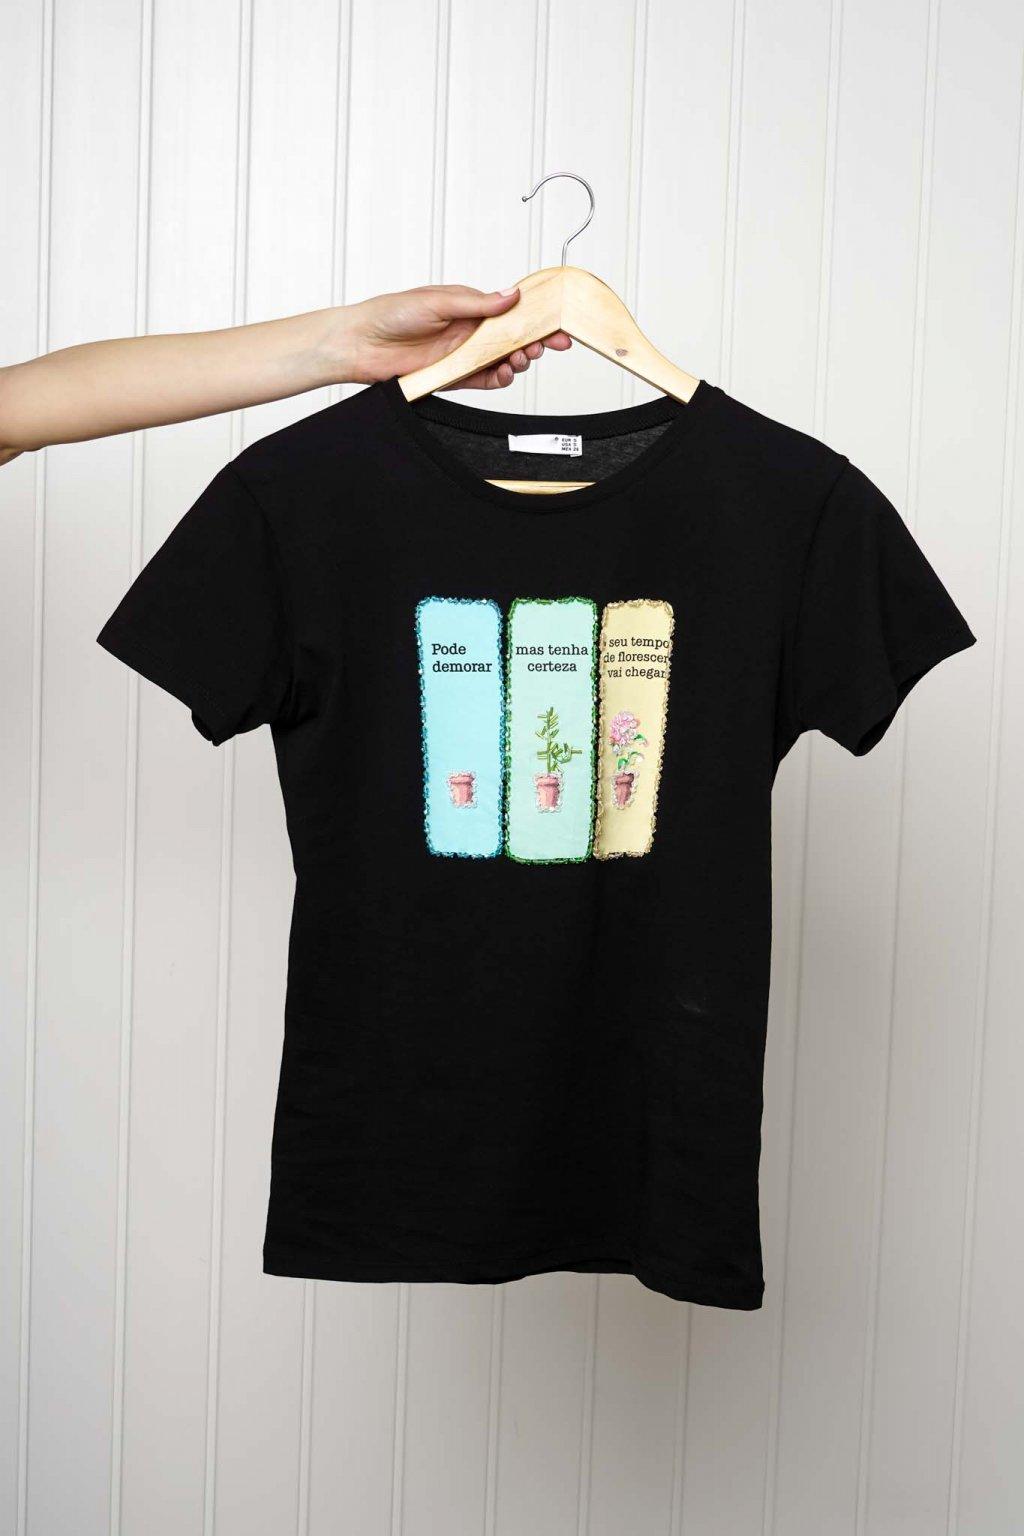 tričko, tričkové šaty, biele, čierne, žlté, vzorované, potlač, vyšívané, nášivky, fialové, street style, 241